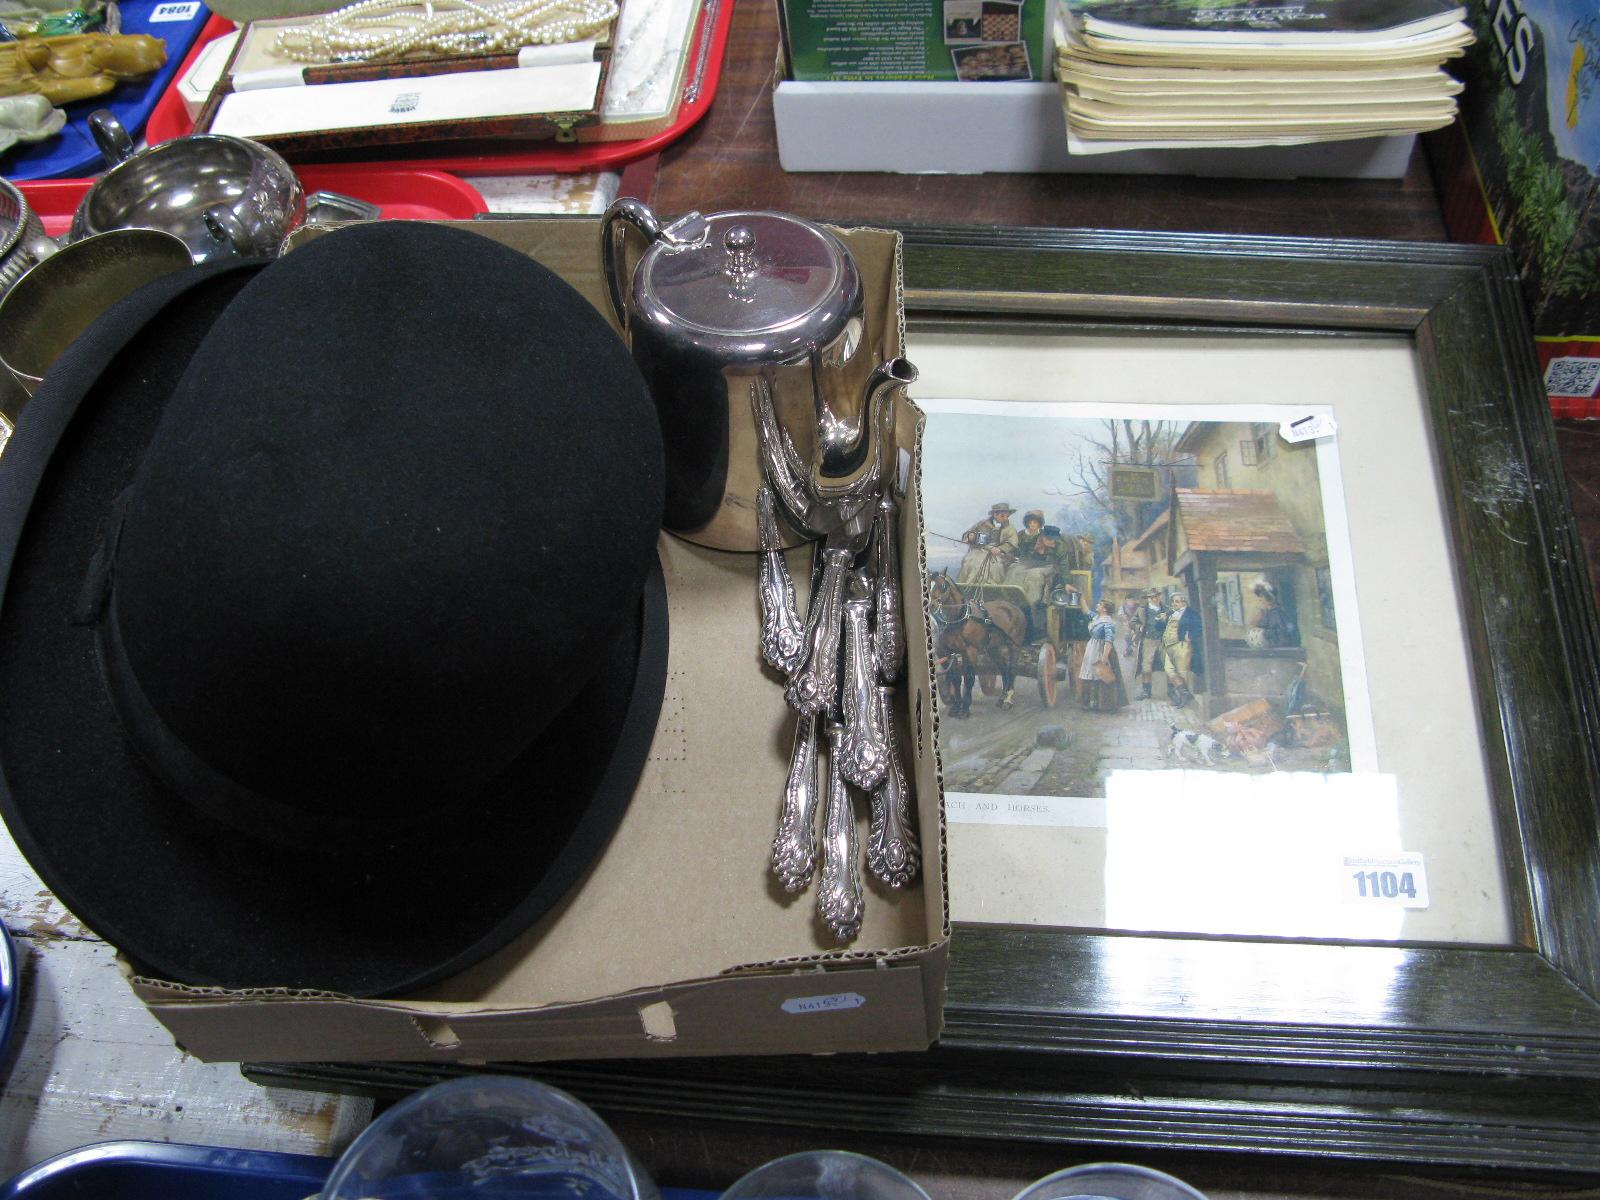 Lot 1104 - J. Smith & Son 'The Record Make' Bowler Hat; two coaching prints, seven Sheffield knives, teapot.